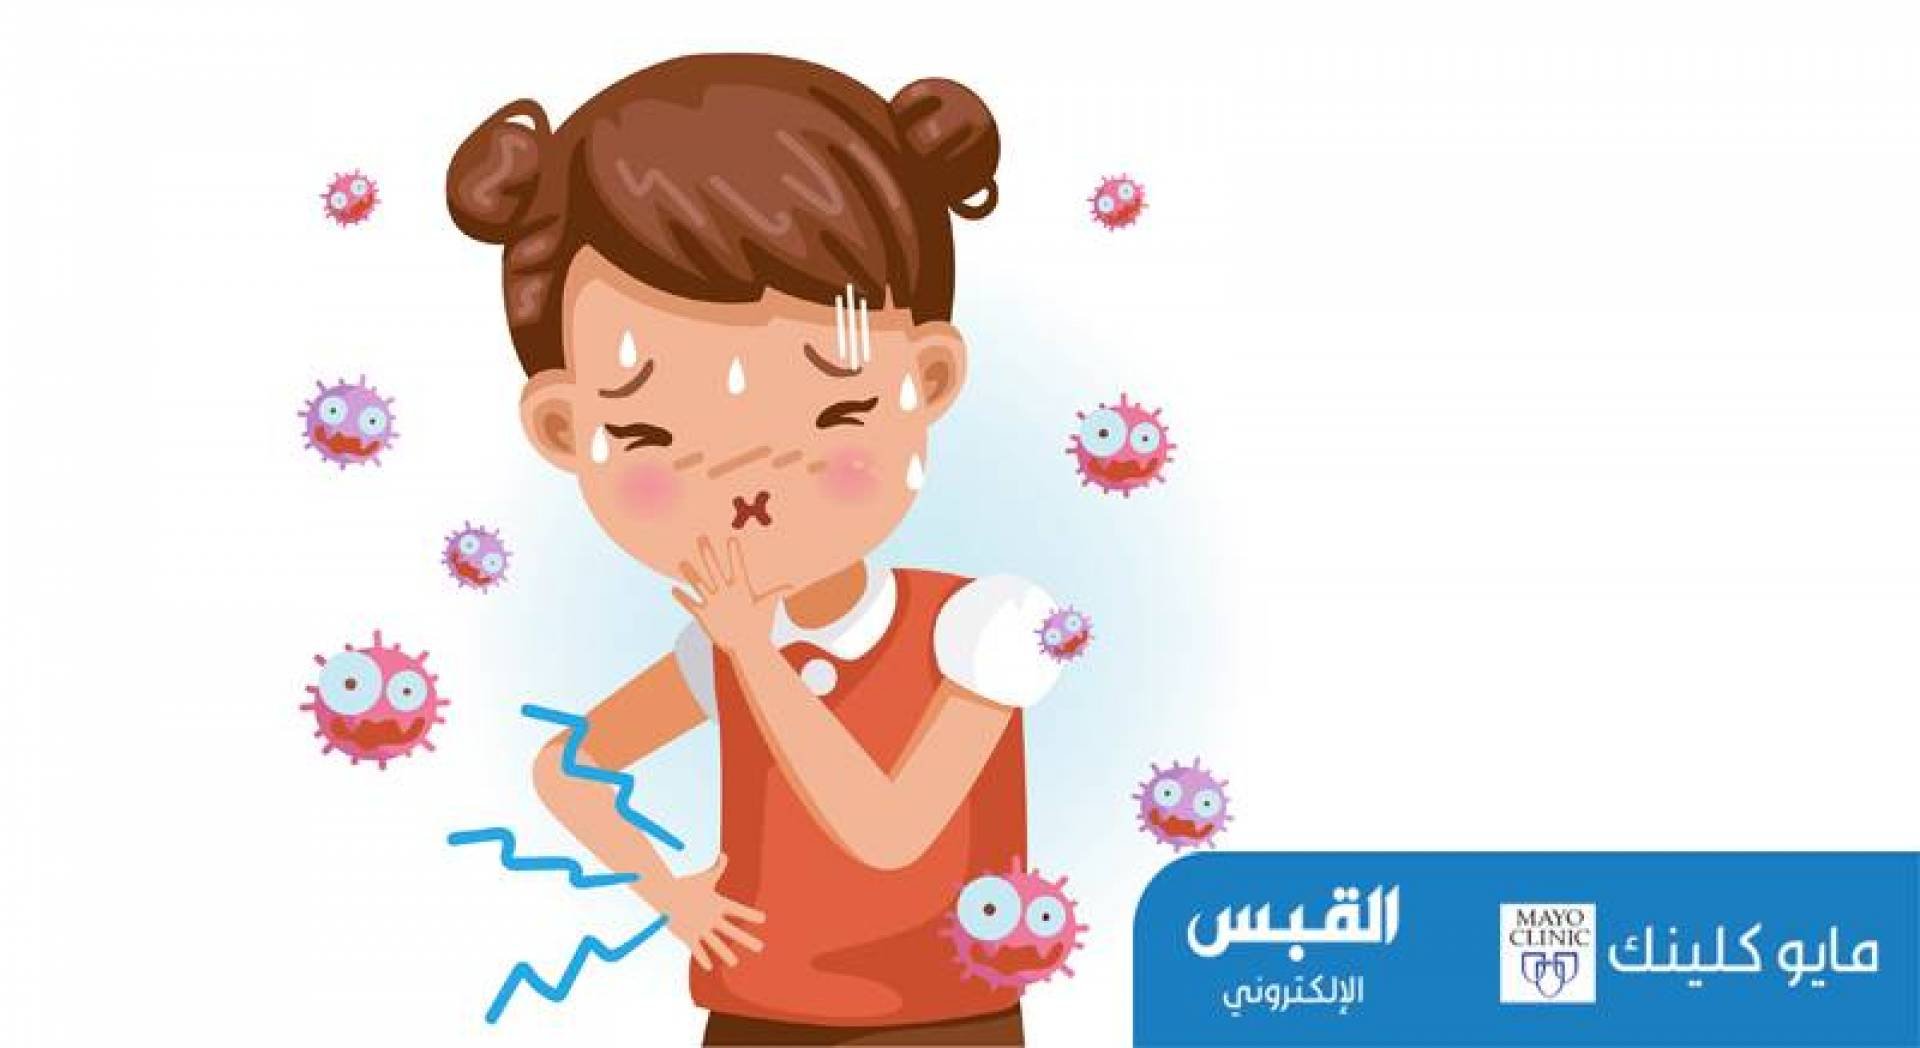 الإسهال الحاد.. يحدث بسبب عَدوى بكتيرية أو فيروسية